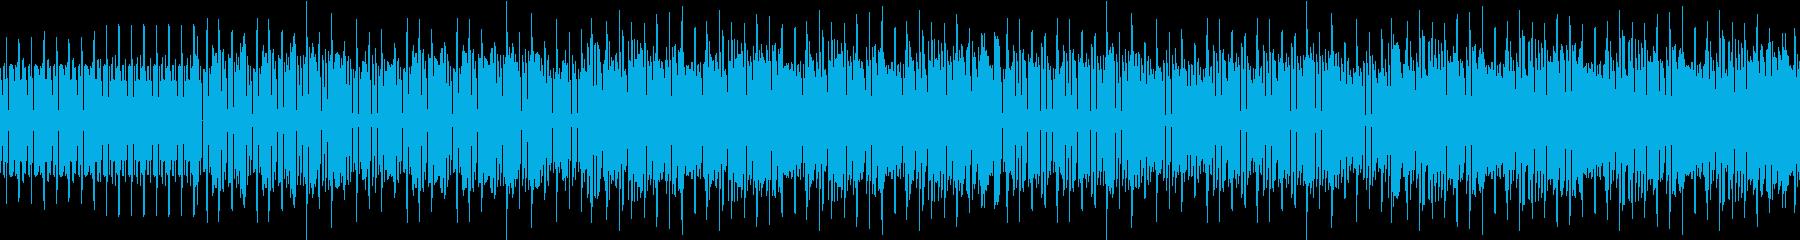 アップテンポなファミコン風ゲームBGMの再生済みの波形